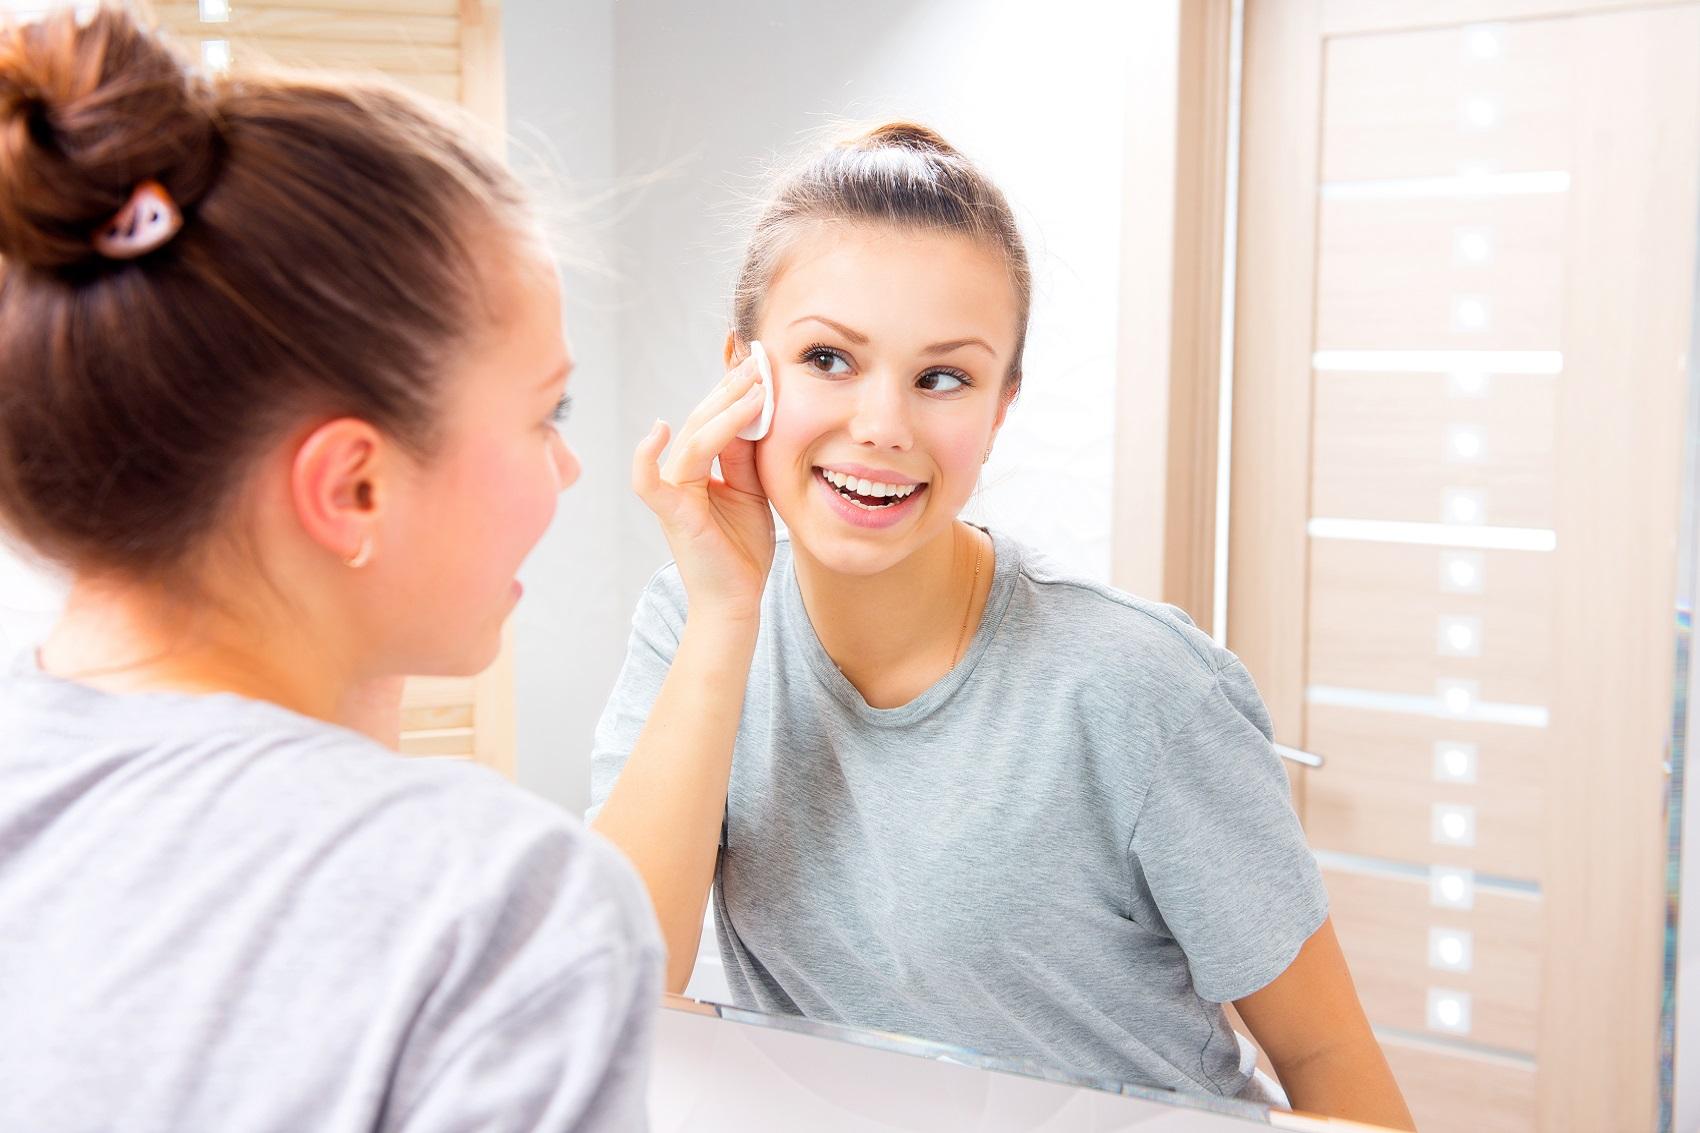 Przygotowywanie skóry przed nałożeniem makijażu